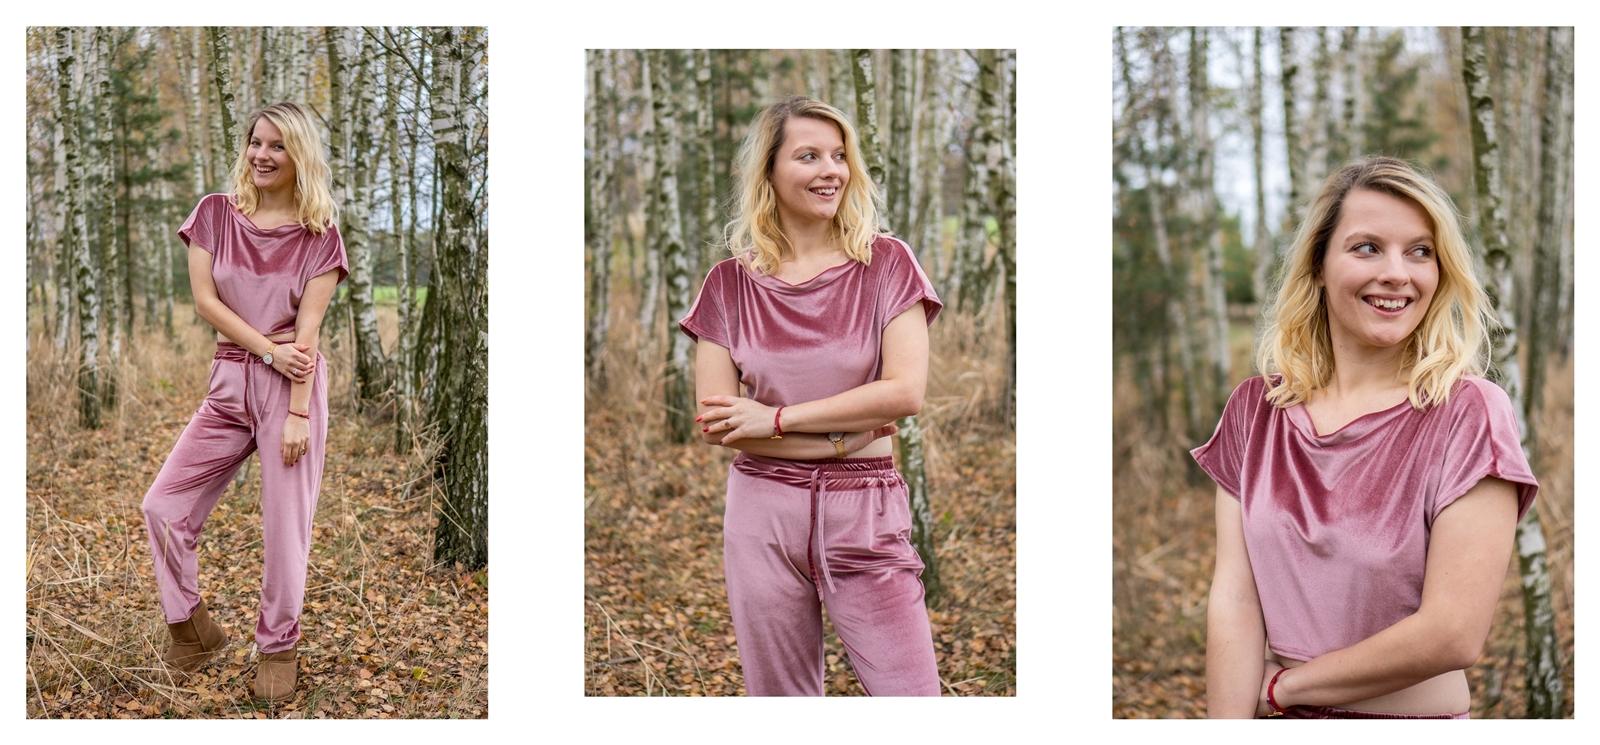 5 welurowy różowy miły i ciepły dres z długimi spodniami i krótkim topem jak ubrać się na jogę, ćwiczenia zumbę komplet dresowy różowy stylowy moda łódź cena zakupy bon rabatowy